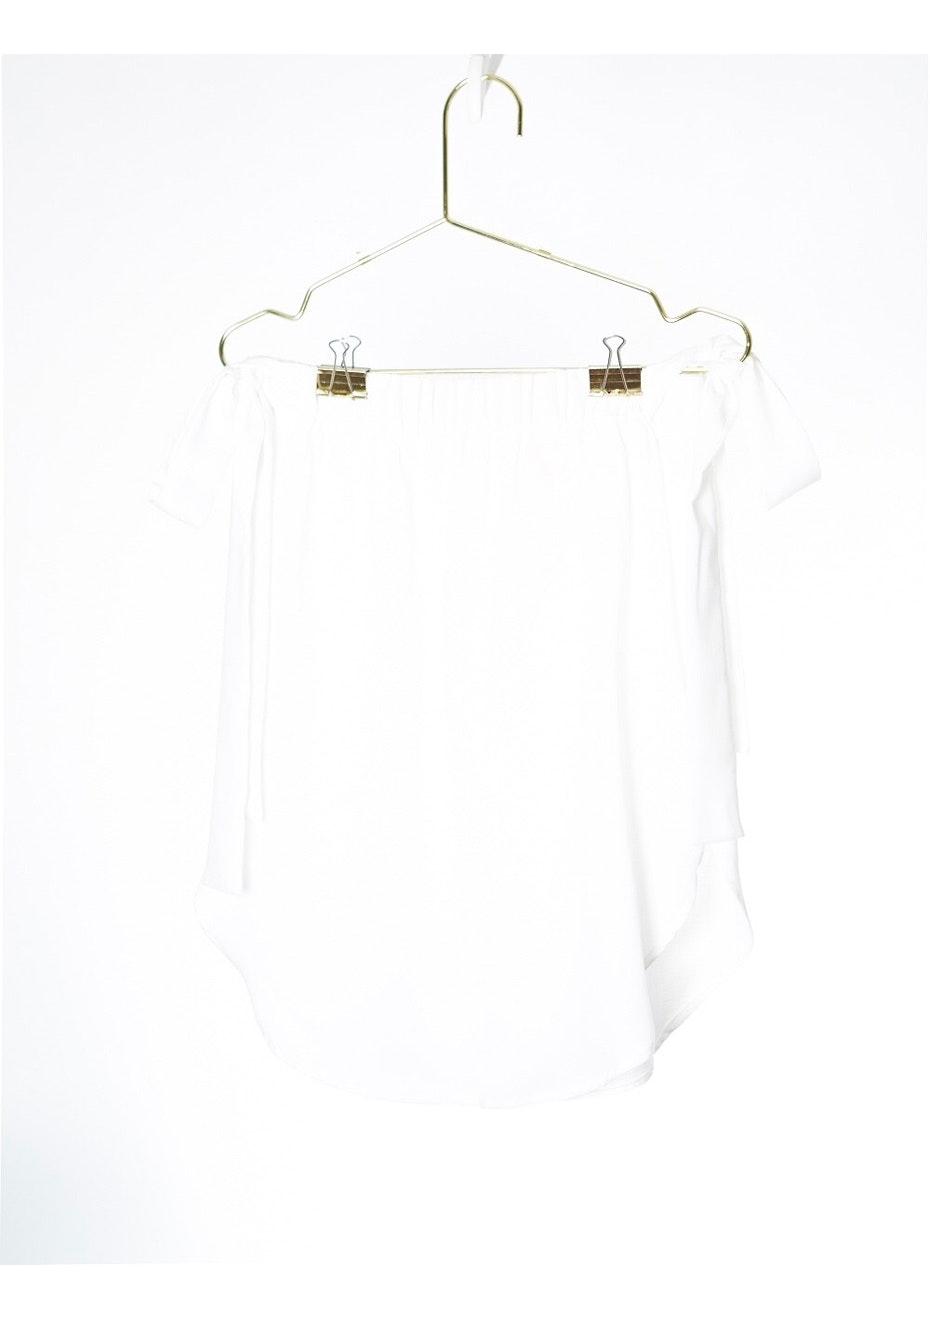 AMELIA TIE TOP  - WHITE